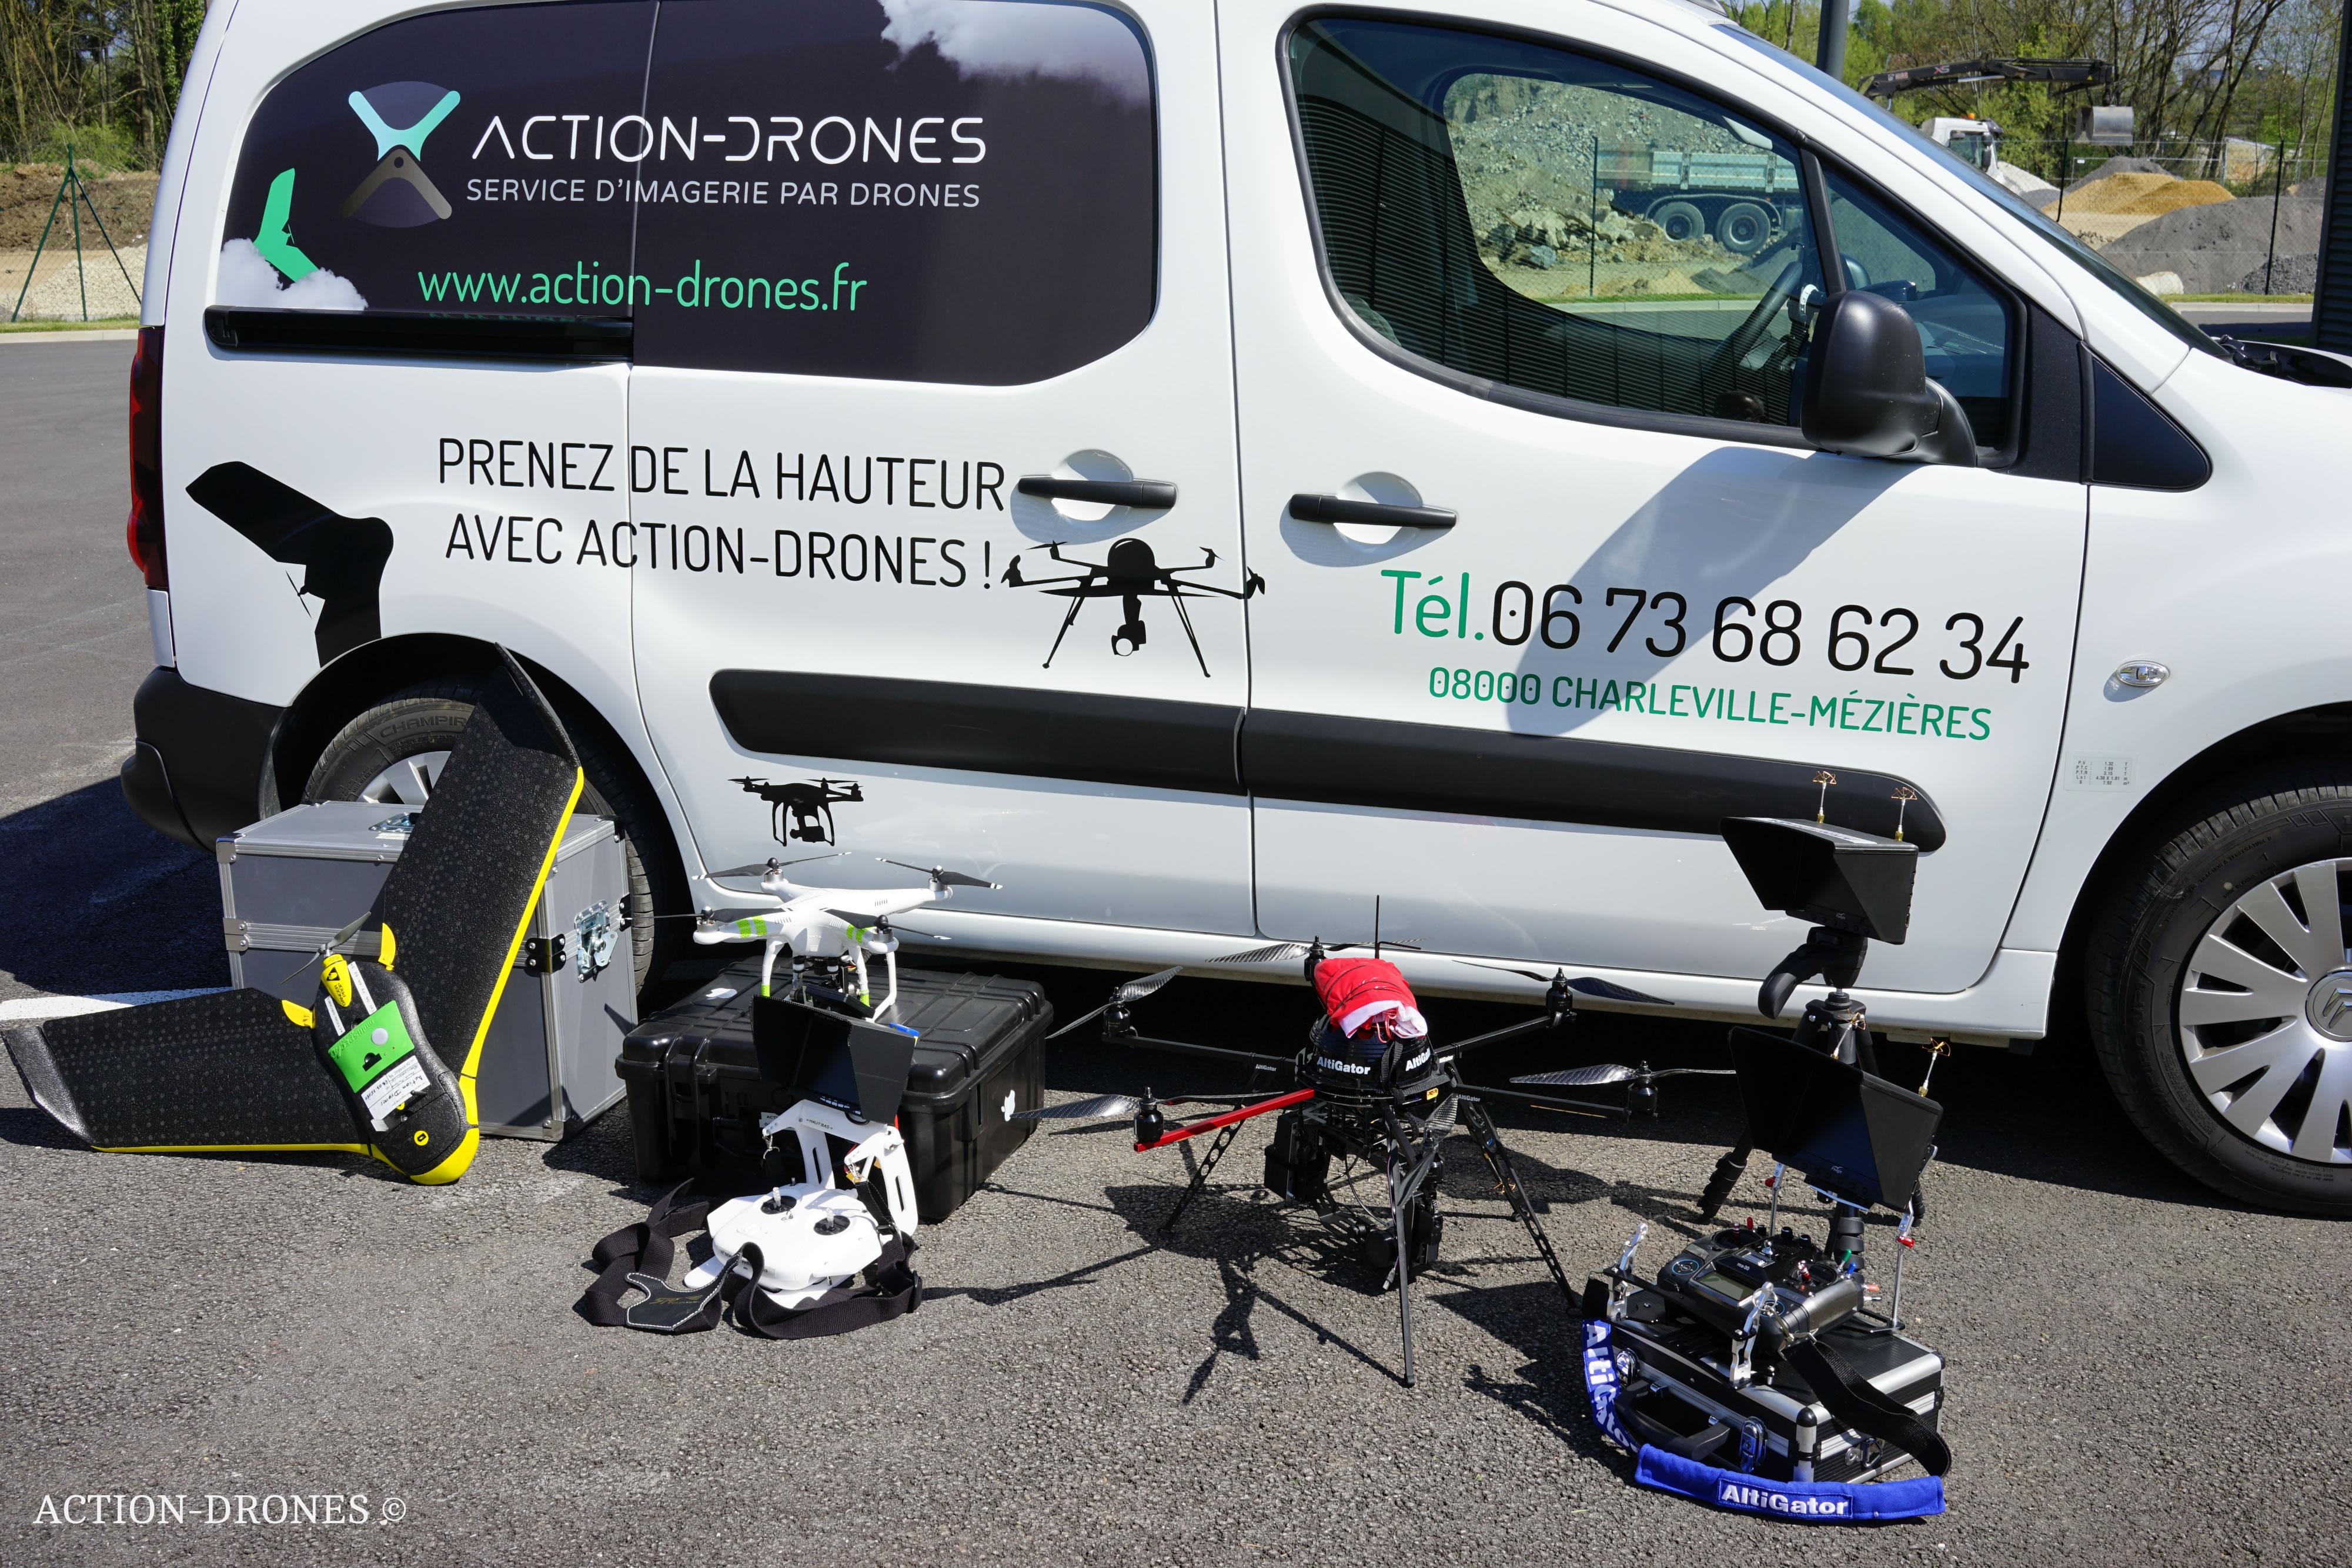 La flotte Action-Drones à Charleville-Mézières est au complet.